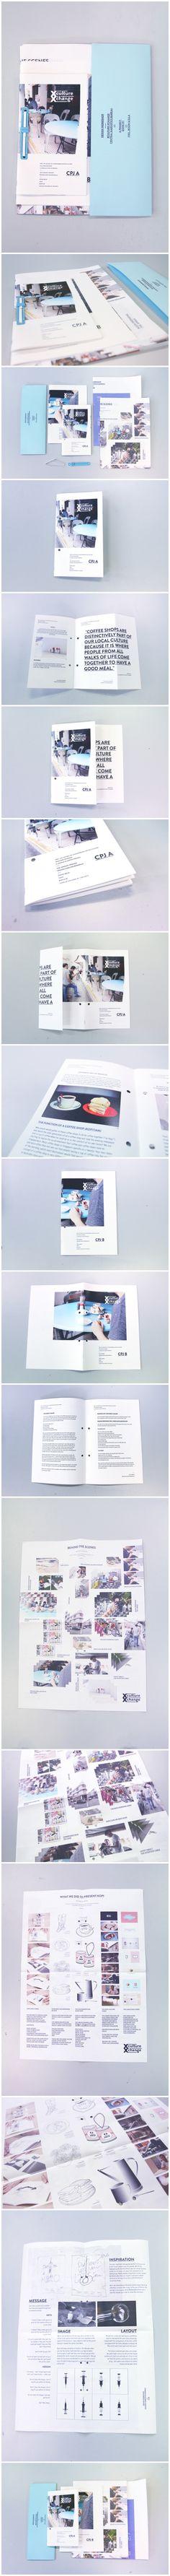 Design Workshop Booklet    via  http://www.behance.net/gallery/Design-Workshop-Booklet/5982003